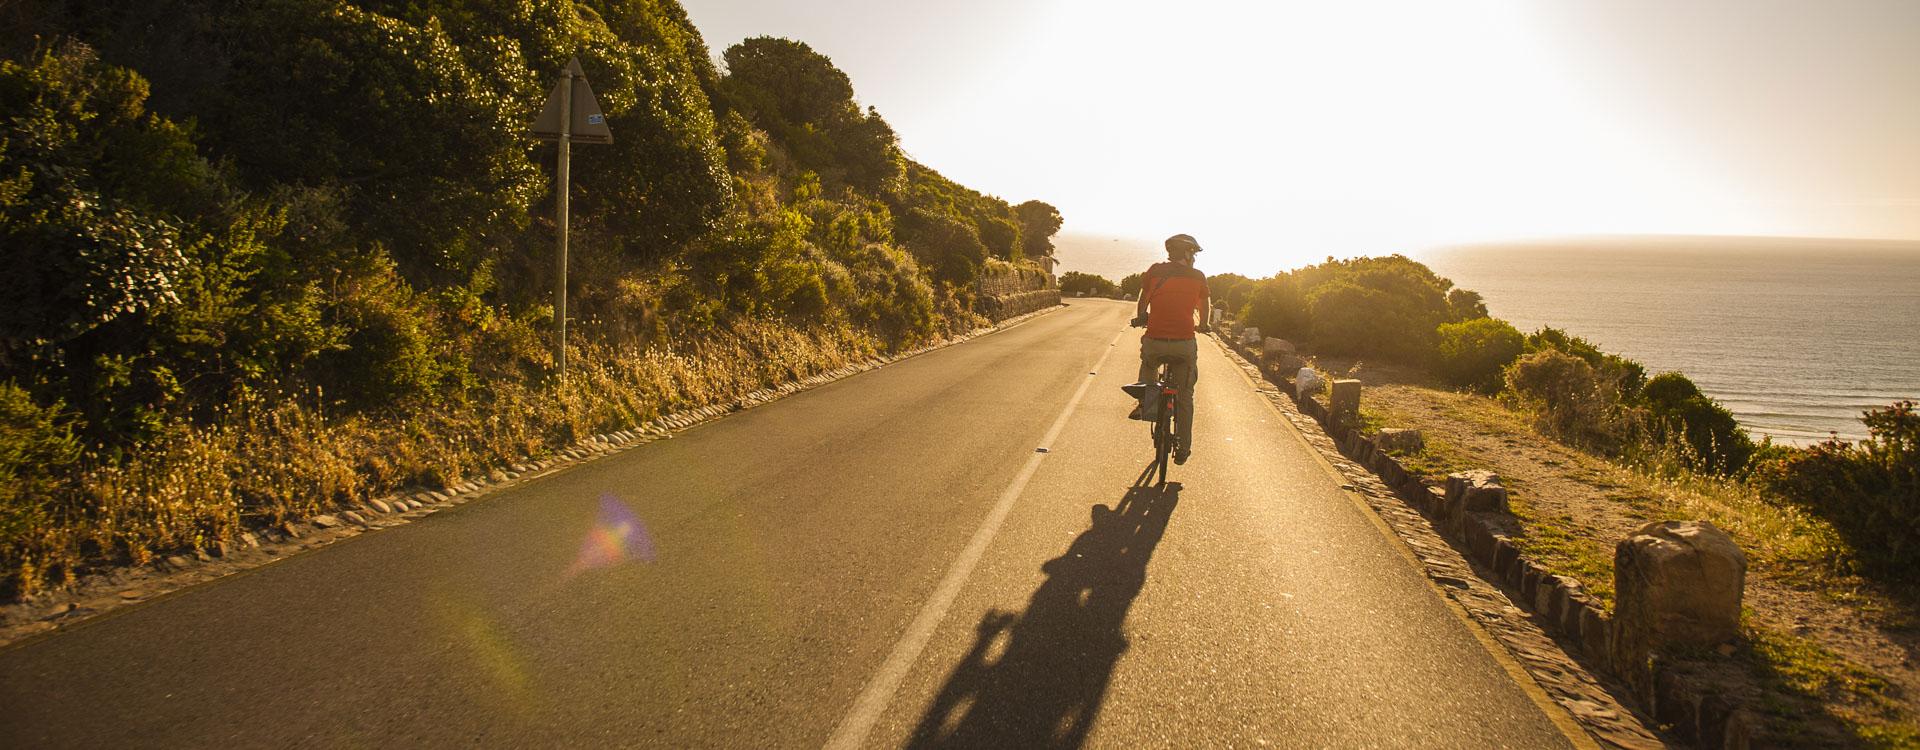 E-Bike-Reise in Südafrika - Radfahren auf der Kap-Halbinsel